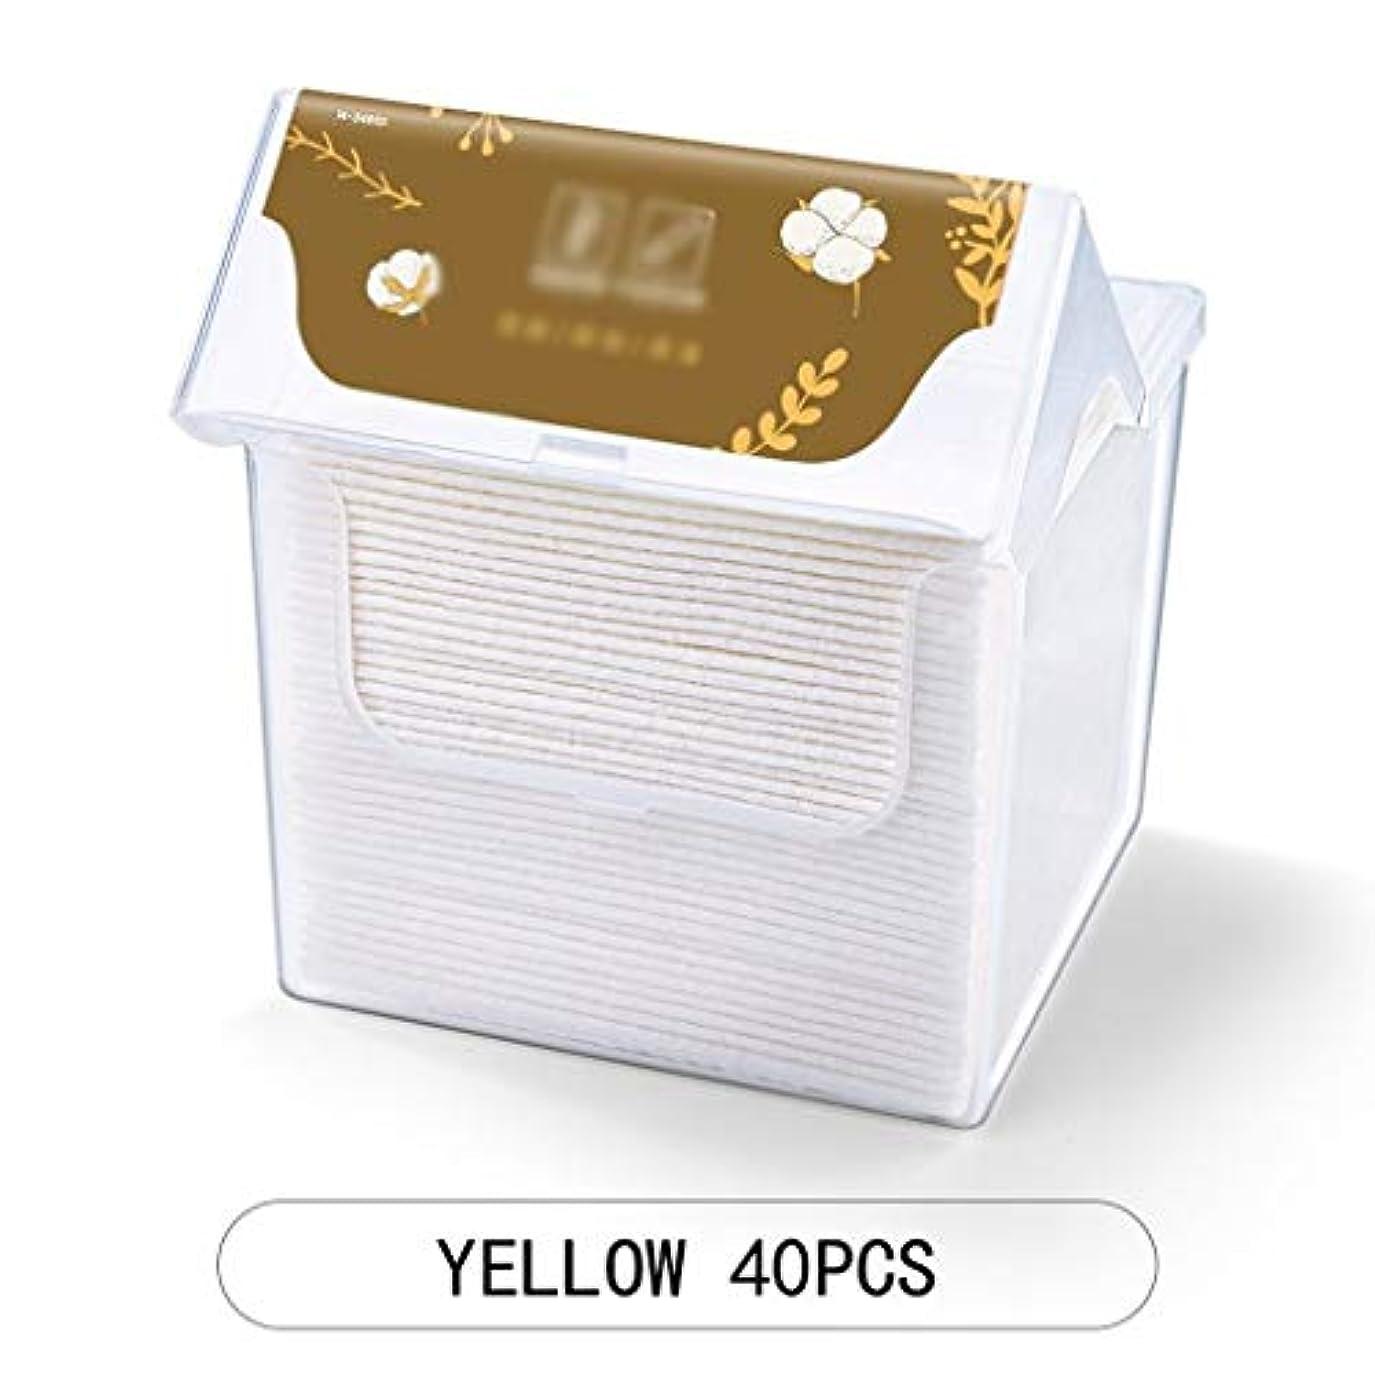 誘惑するポテトマスタードクレンジングシート 柔らかい綿のティッシュメイクアップワイプ多目的フェイスクリーニングフェイスクロスコットンパッドメイクアップ取り外し家庭用クリーニング (Color : Green)